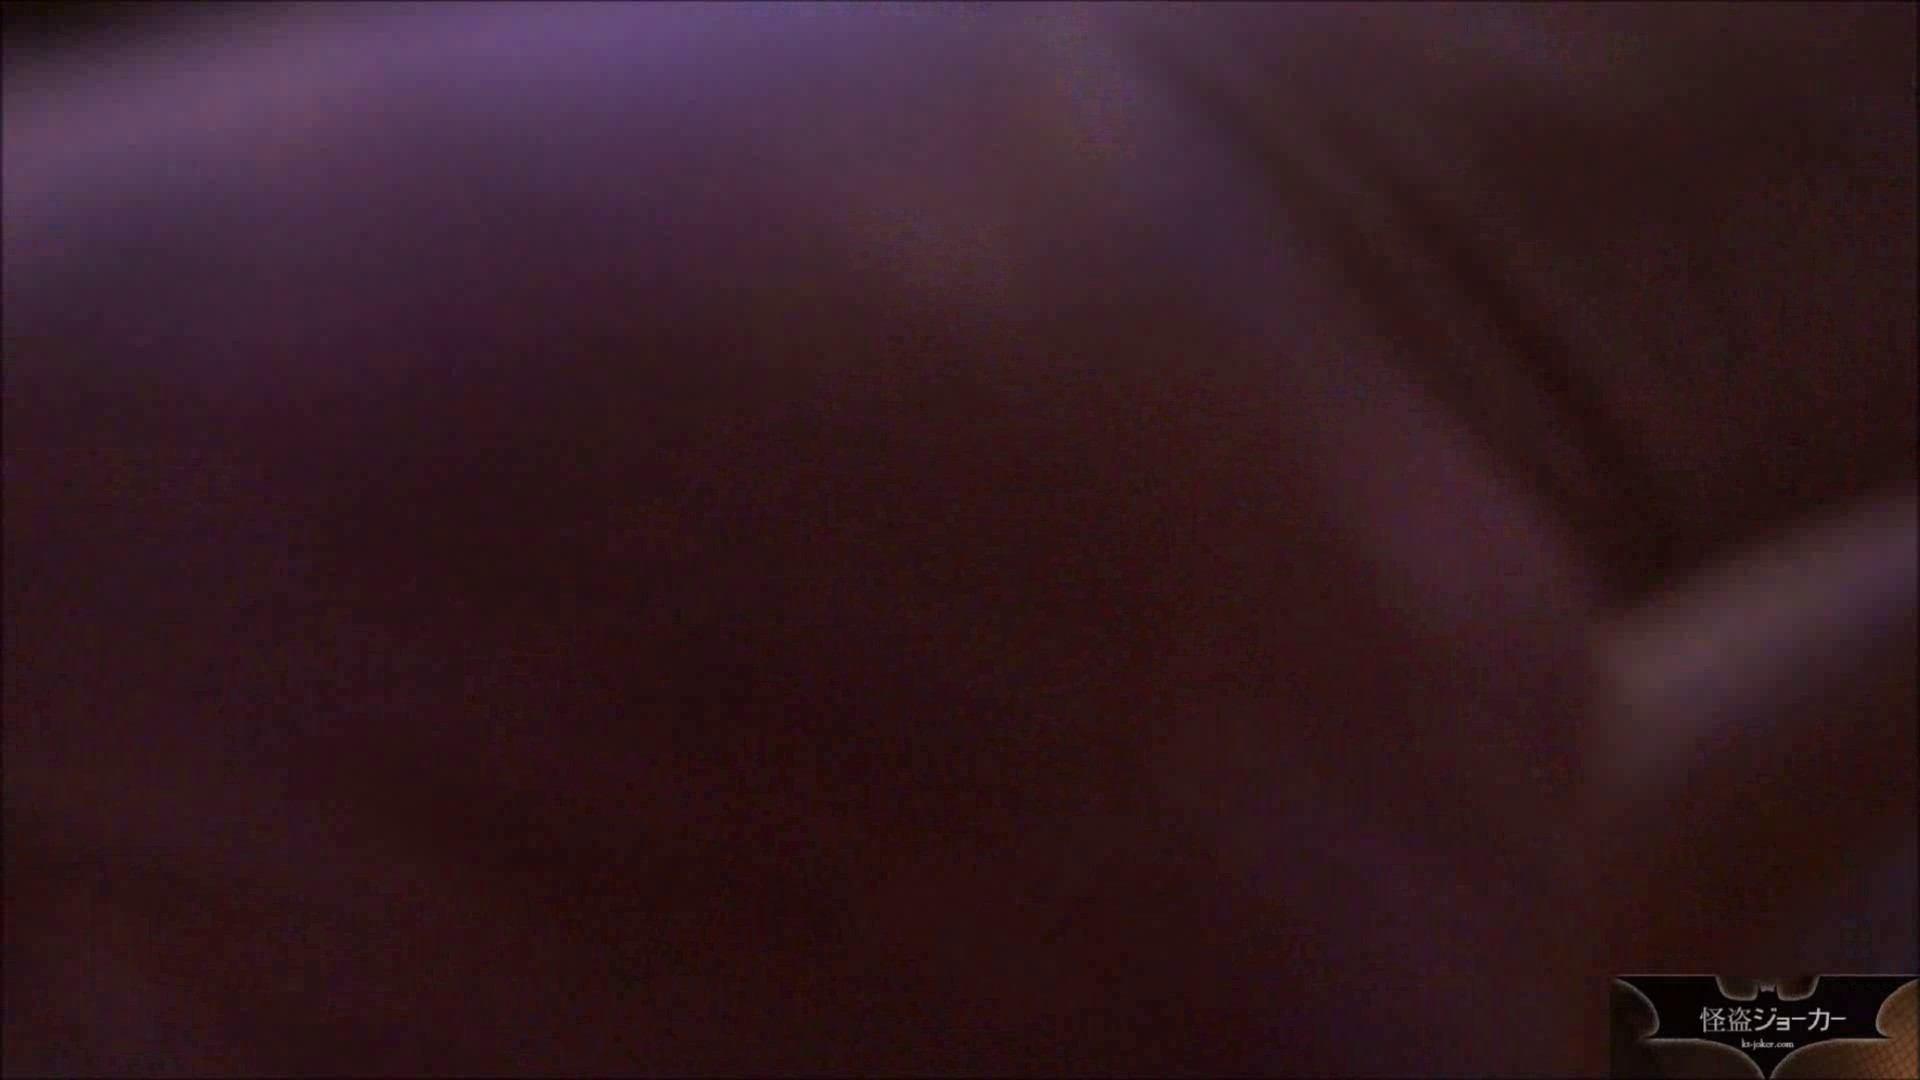 【未公開】vol.13 セレブ美魔女・ユキさんと初めて会った日。 OL  99pic 79